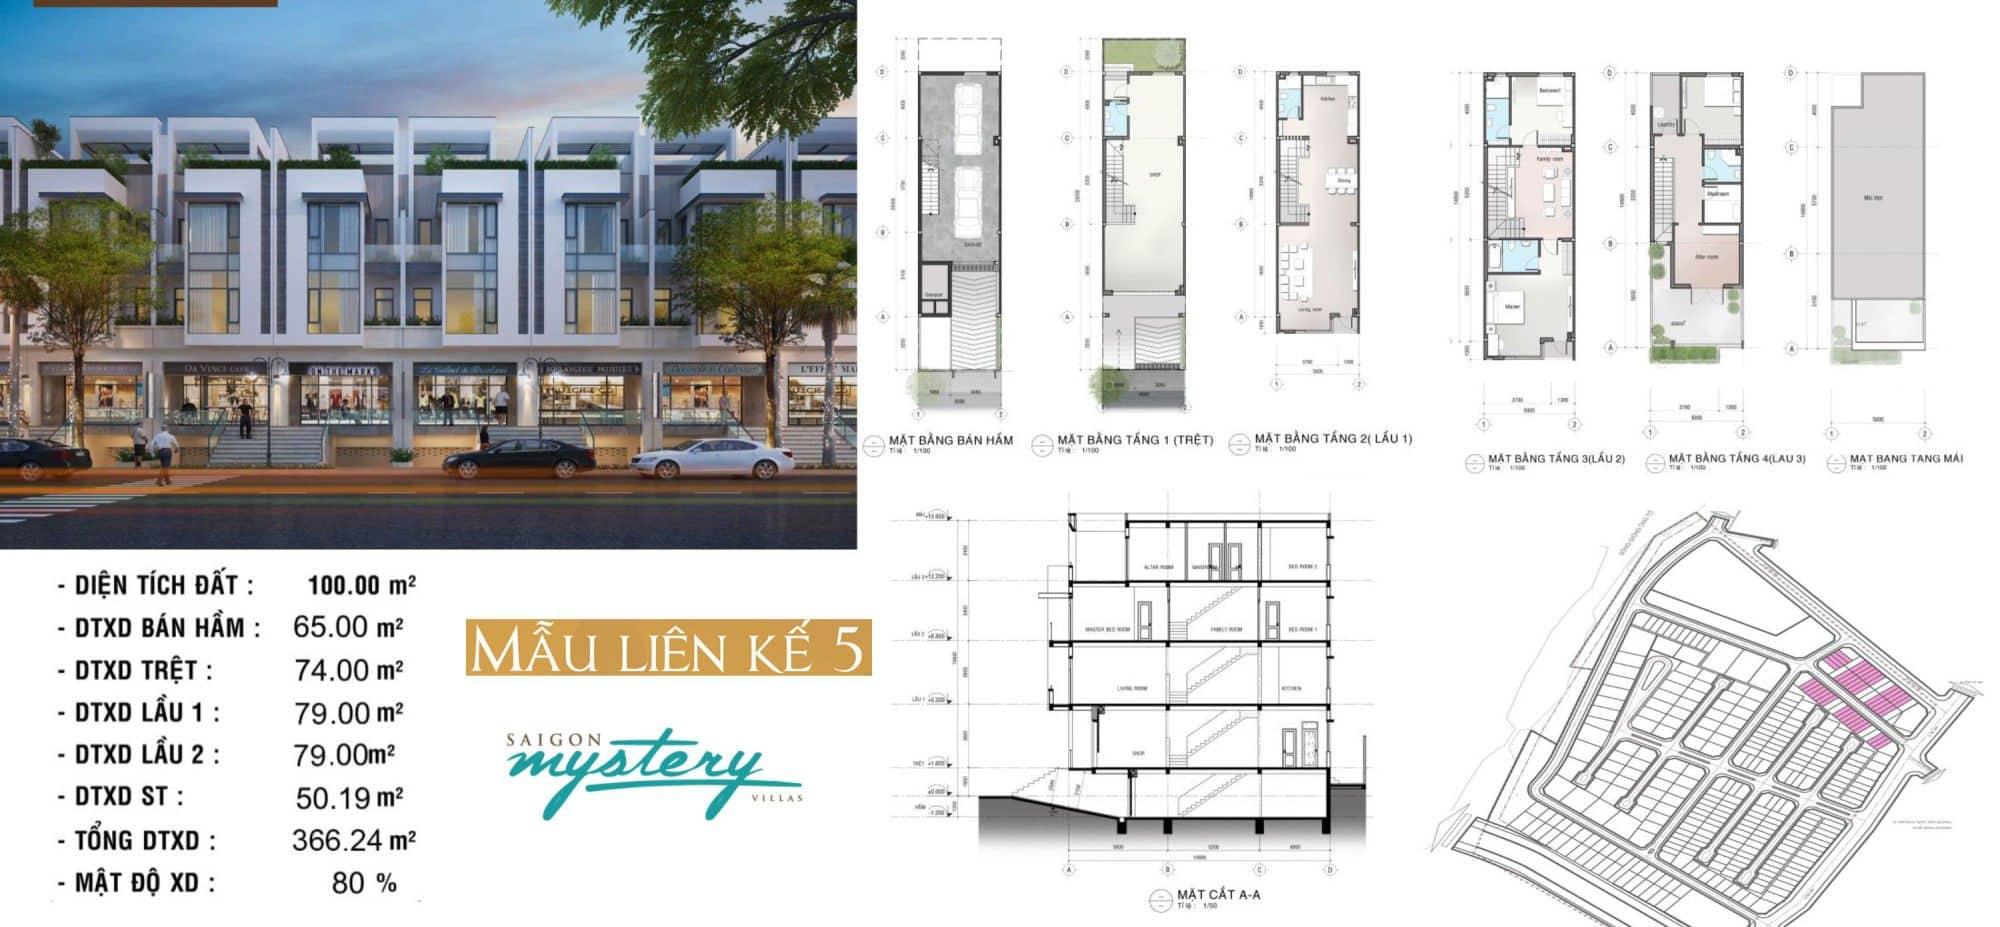 Thiết kế nhà phố liền kế Saigon Mystery Villas mẫu 5